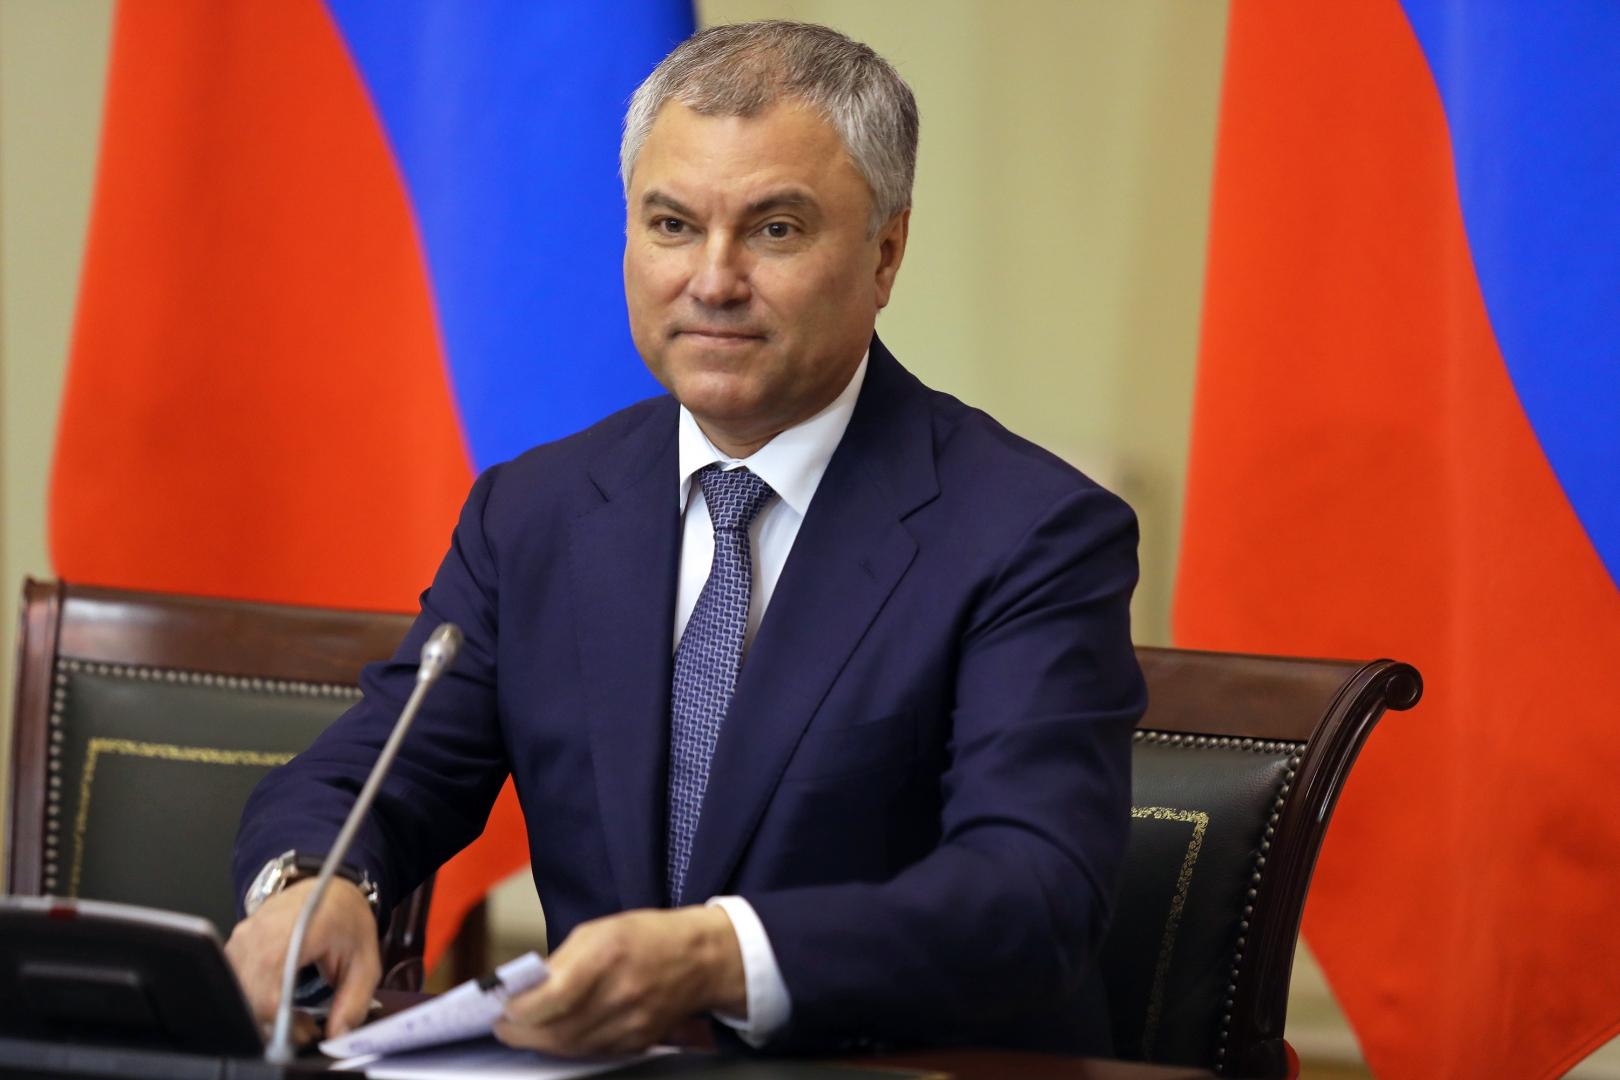 Володин рассказал об обновлении состава Госдумы